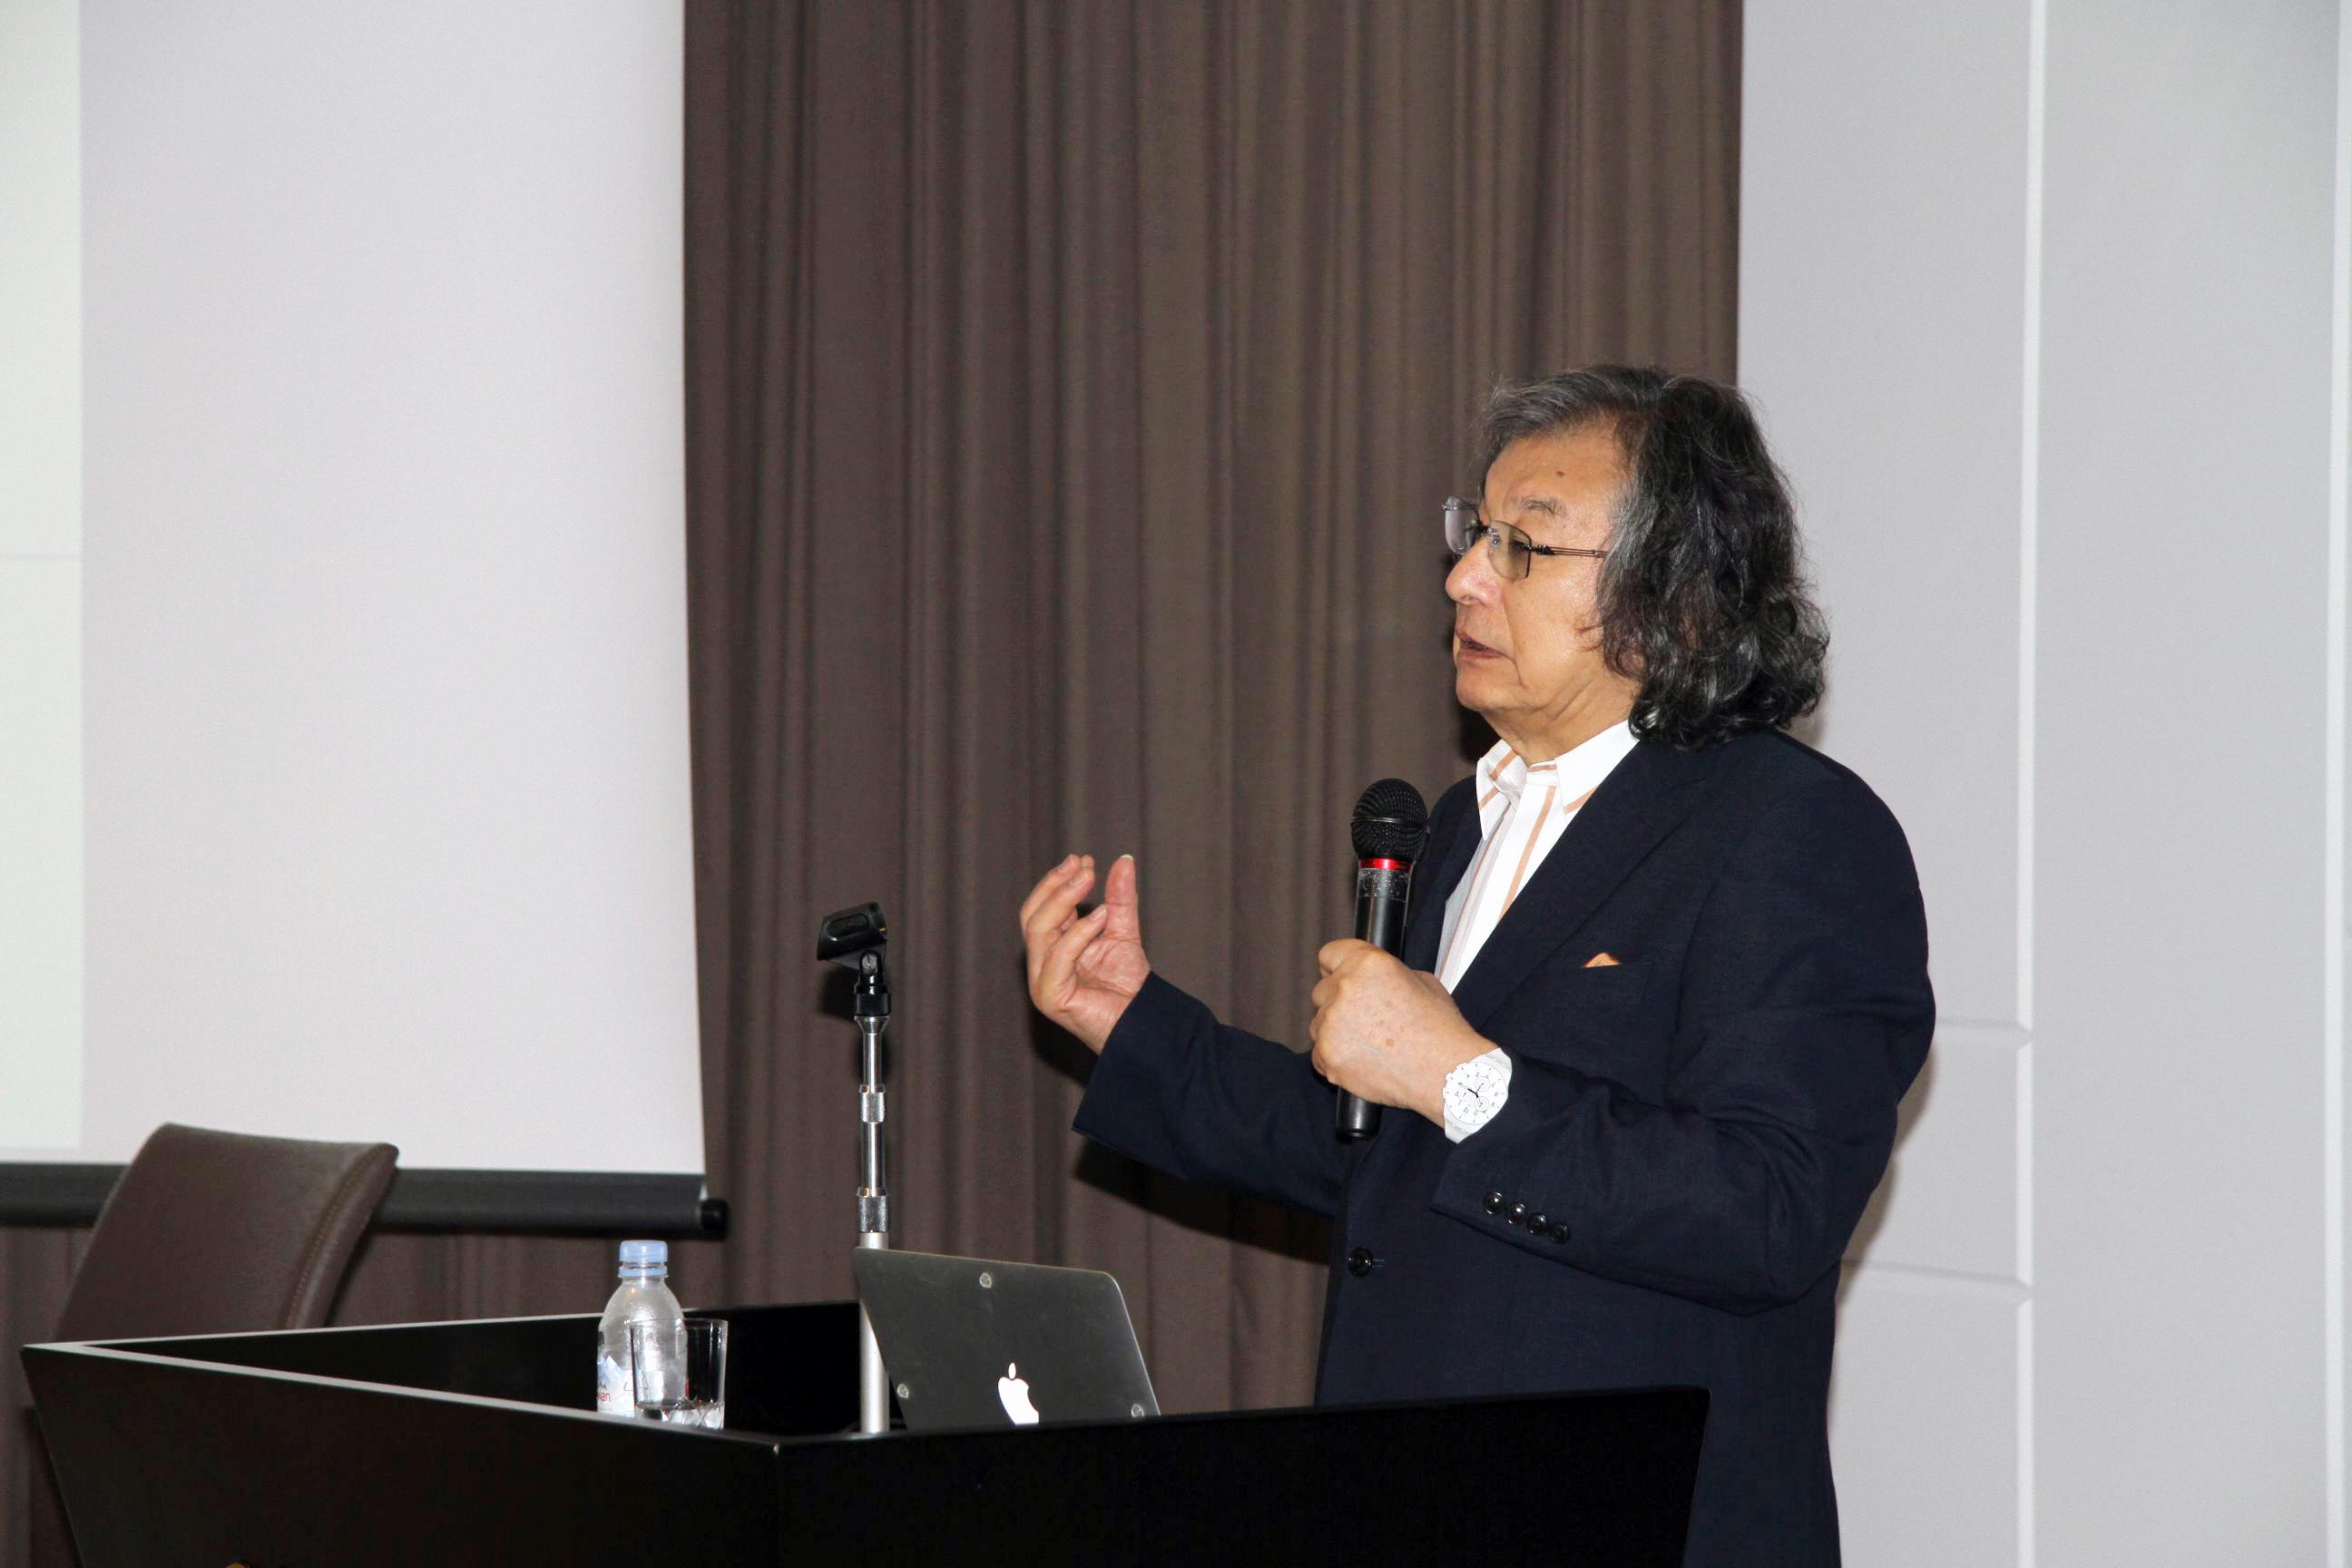 第4回常石CSV講演会「デザインの力~なぜ成功する企業はデザインにこだわるのか~」をテーマにPAOS代表 中西元男氏が講演